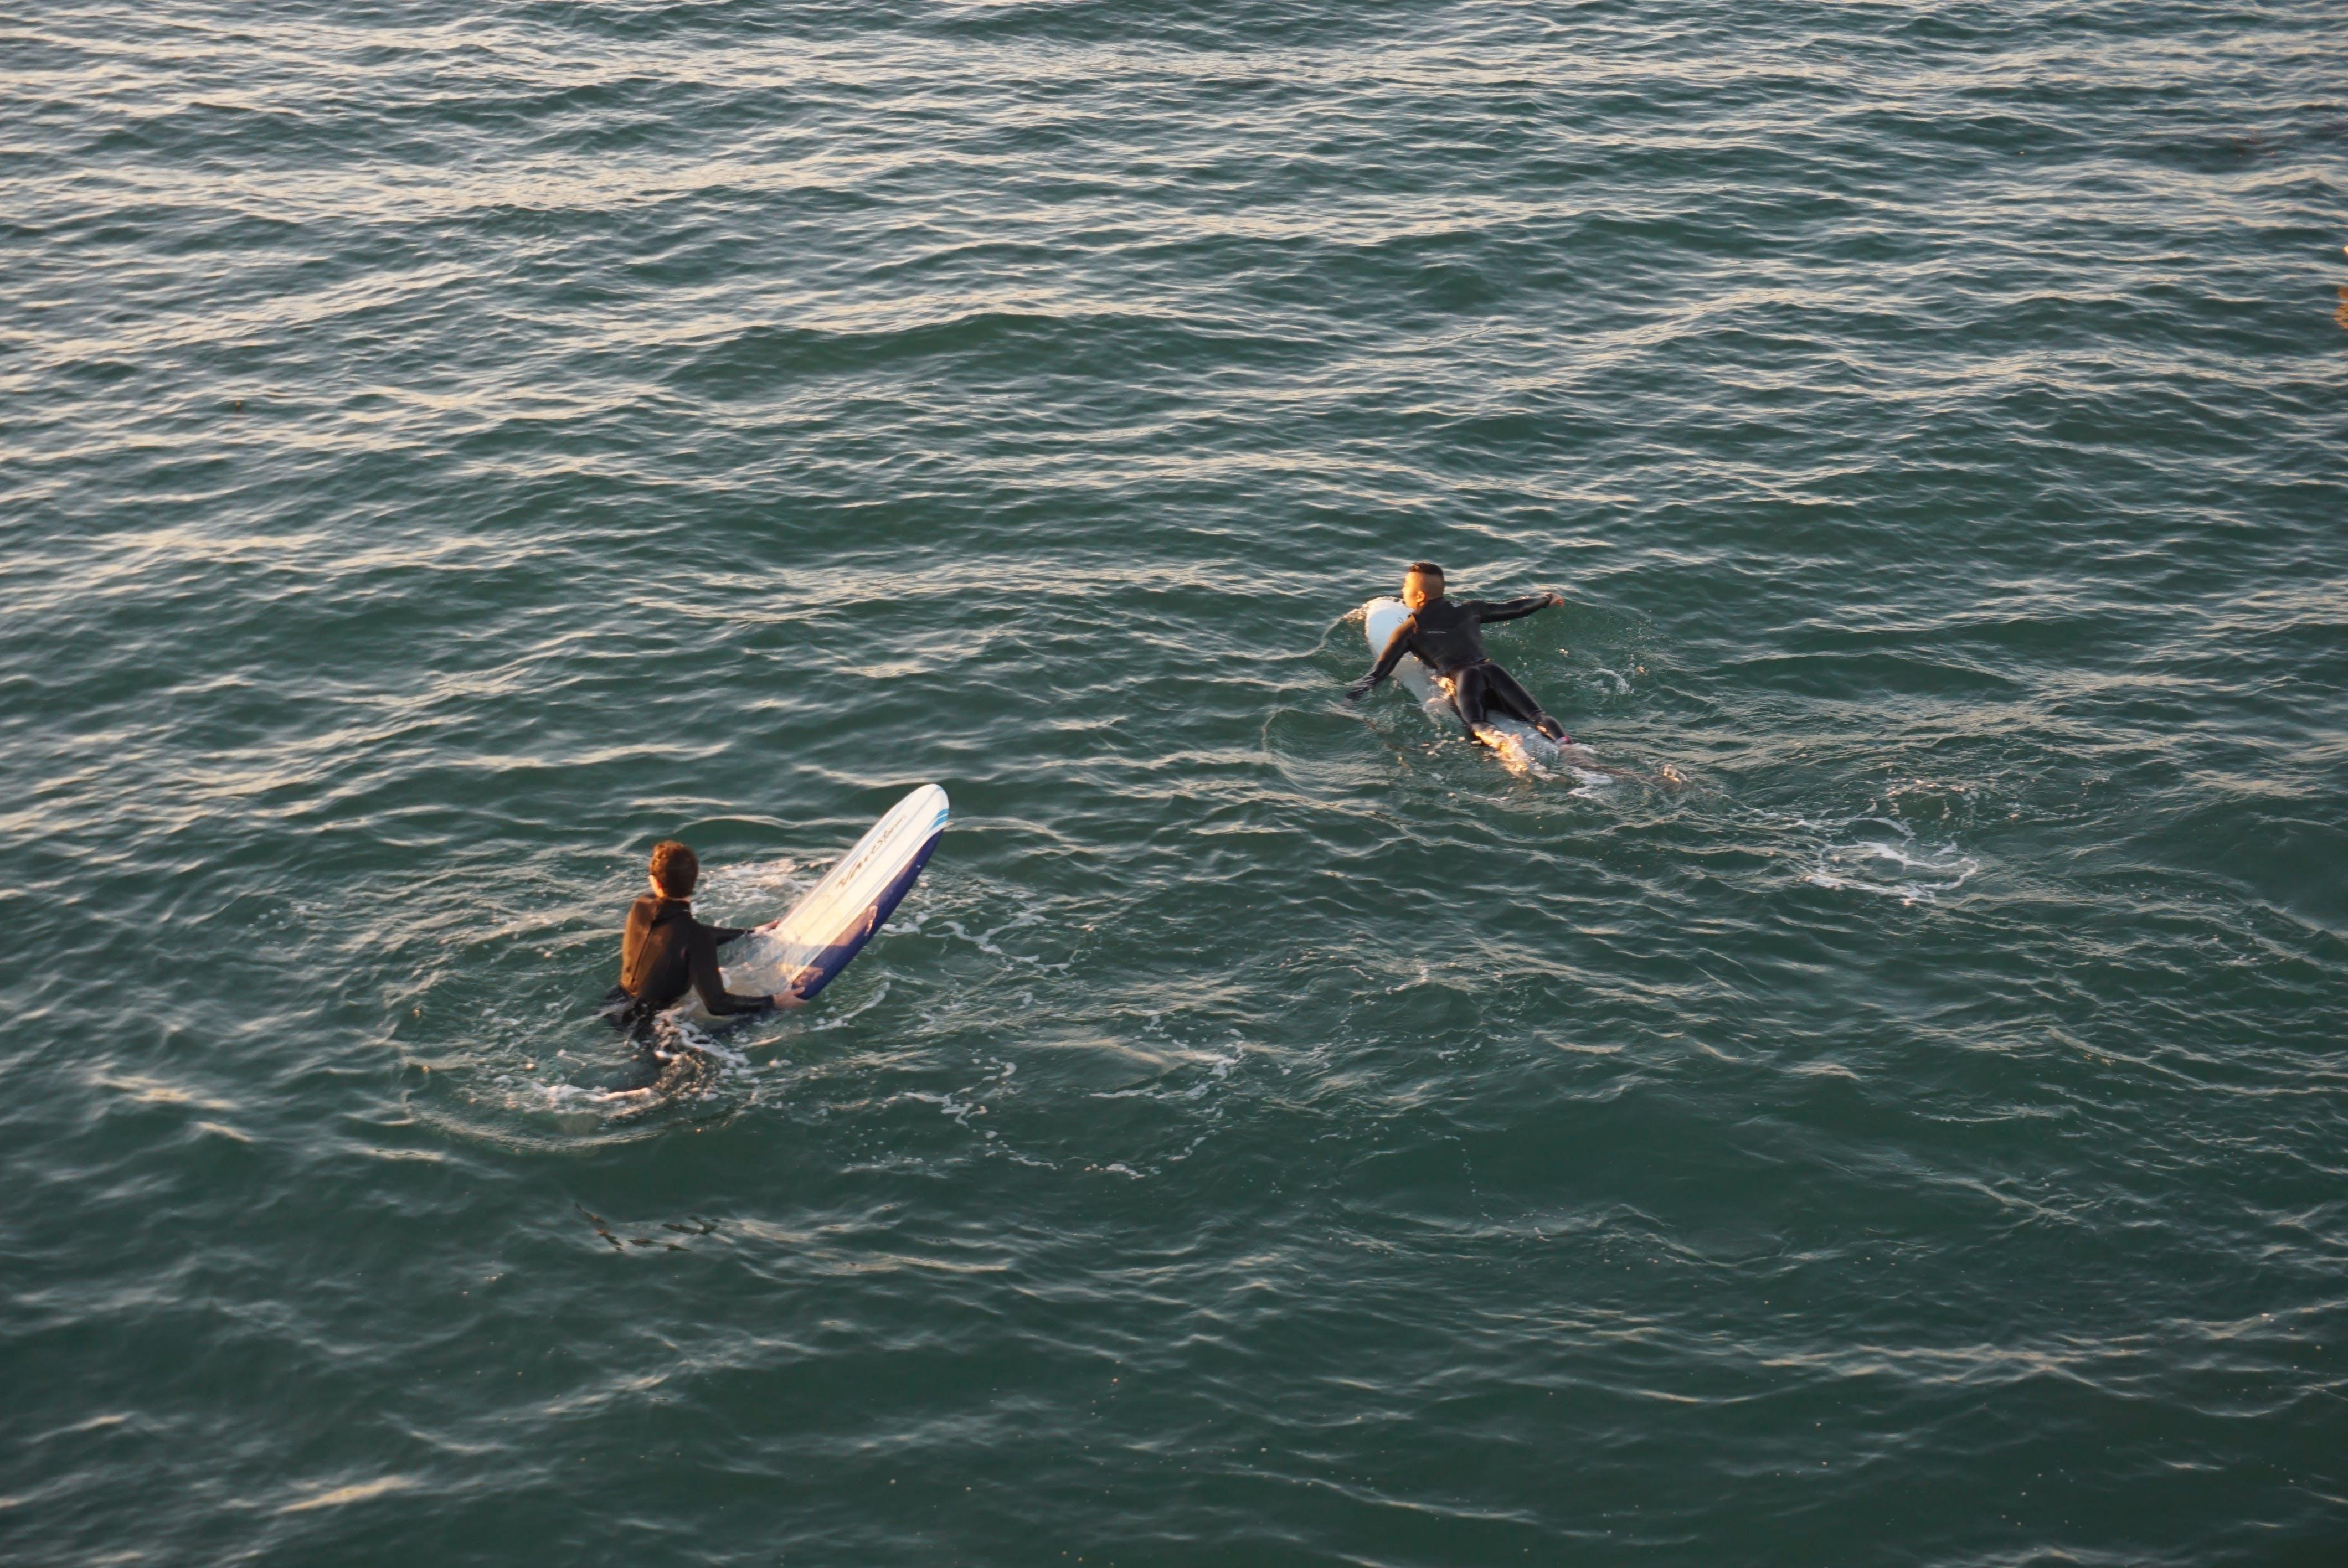 คลังภาพถ่ายฟรี ของ การพักผ่อนหย่อนใจ, ทะเล, ท่อง, นักเล่นเซิร์ฟ